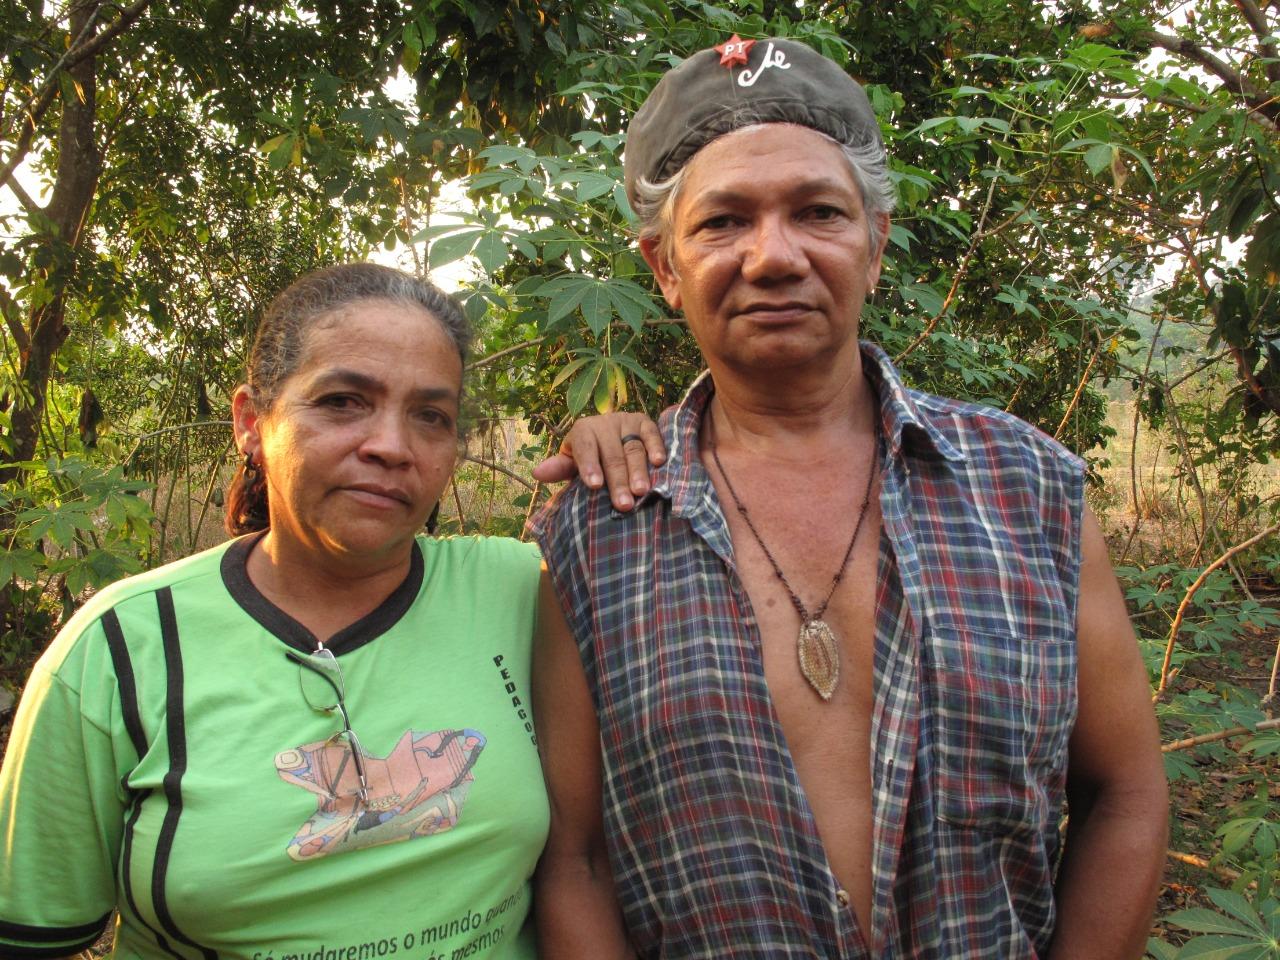 Casal de extrativistas assassinados por pistoleiros, em 24 de maio de 2011, no P